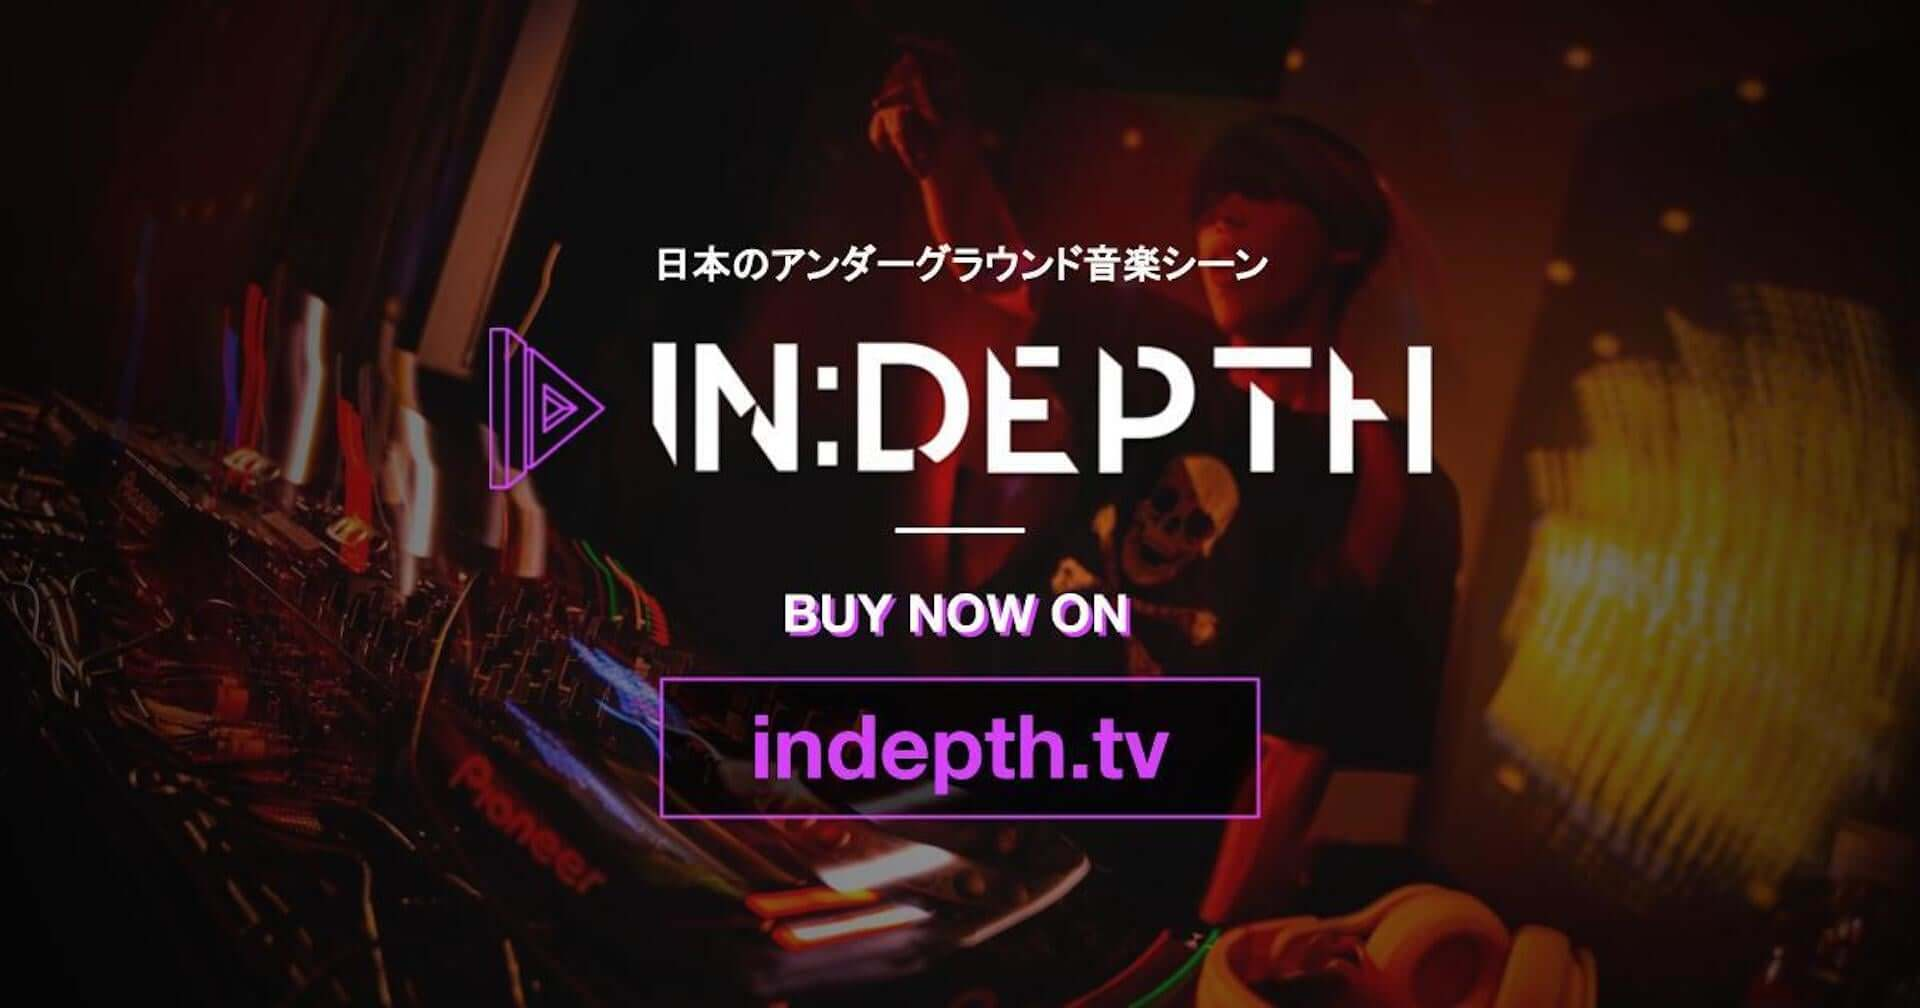 日本のアンダーグラウンド音楽シーンに迫る長編映像シリーズ『In:Depth』が始動!渋谷Lighthouse Records、幡ヶ谷Forestlimitなどが登場 music210304_indepth_8-1920x1008